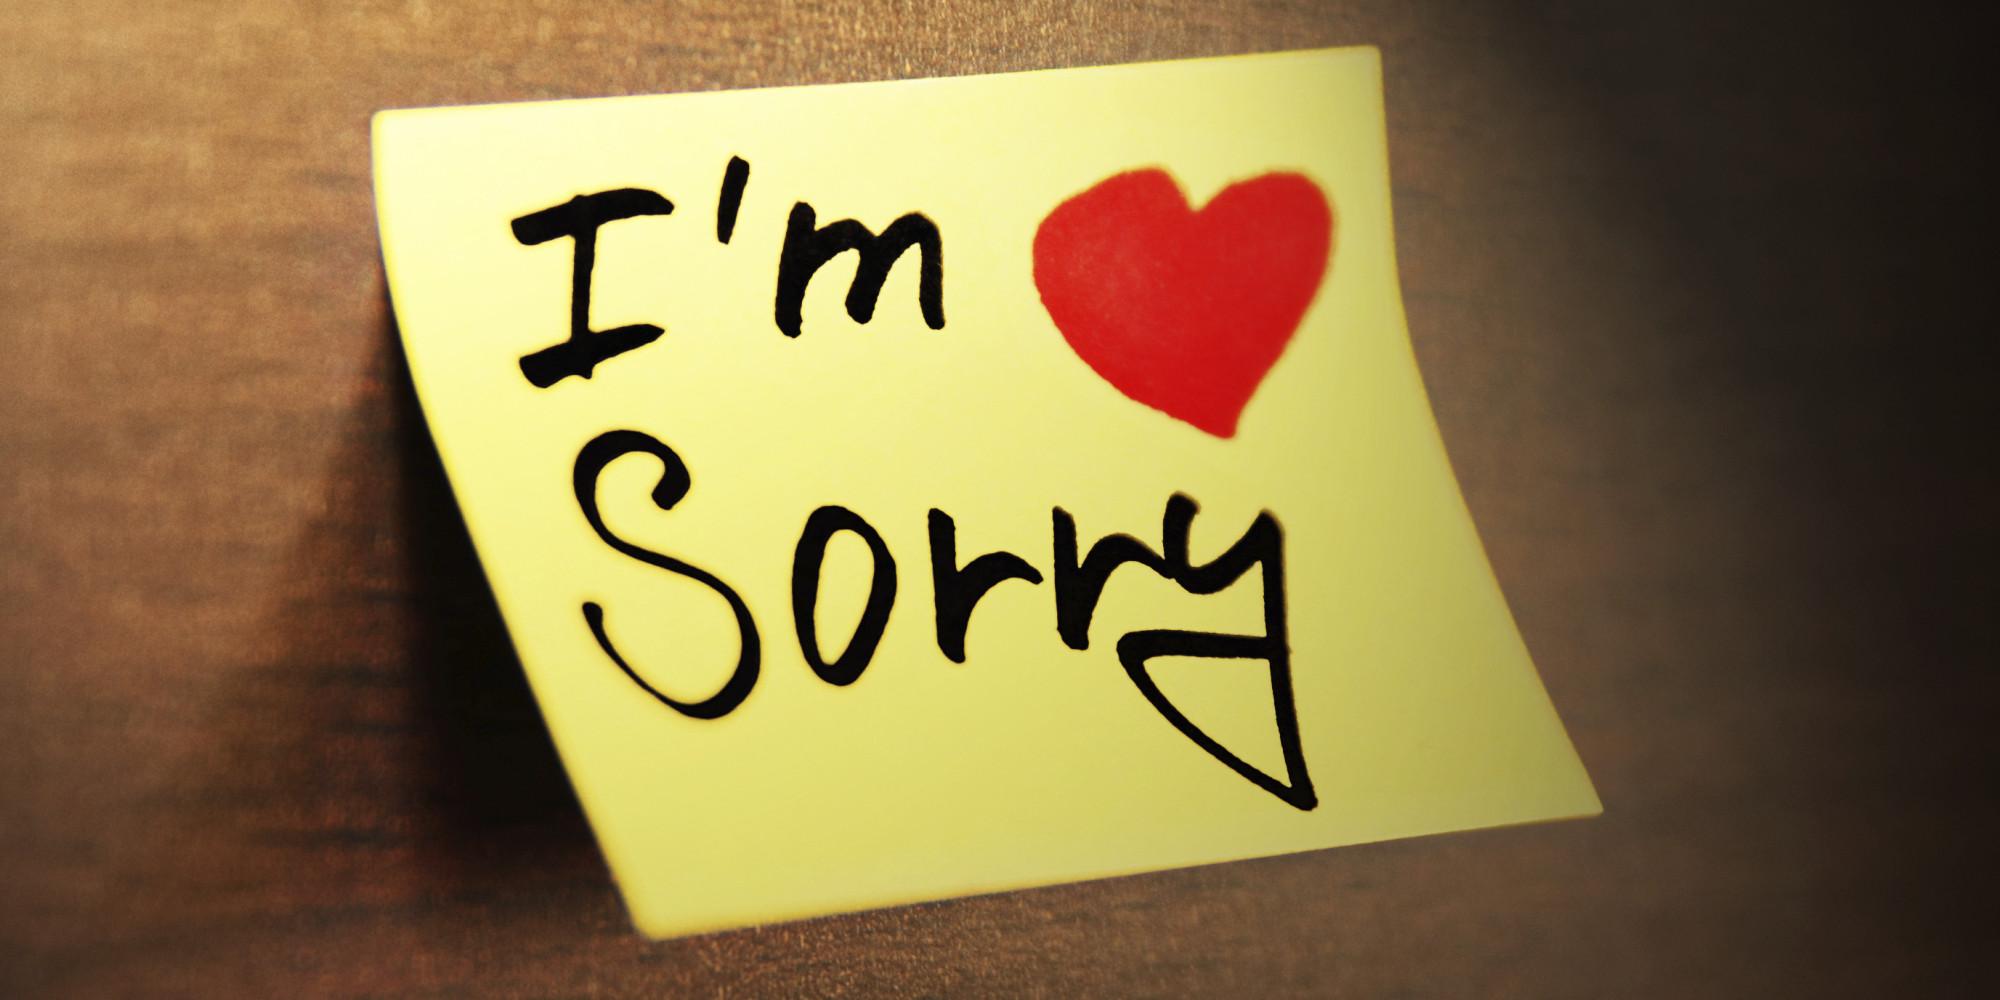 صوره كلمات اعتذار واسف , صور جميلة للاعتذار والاسف